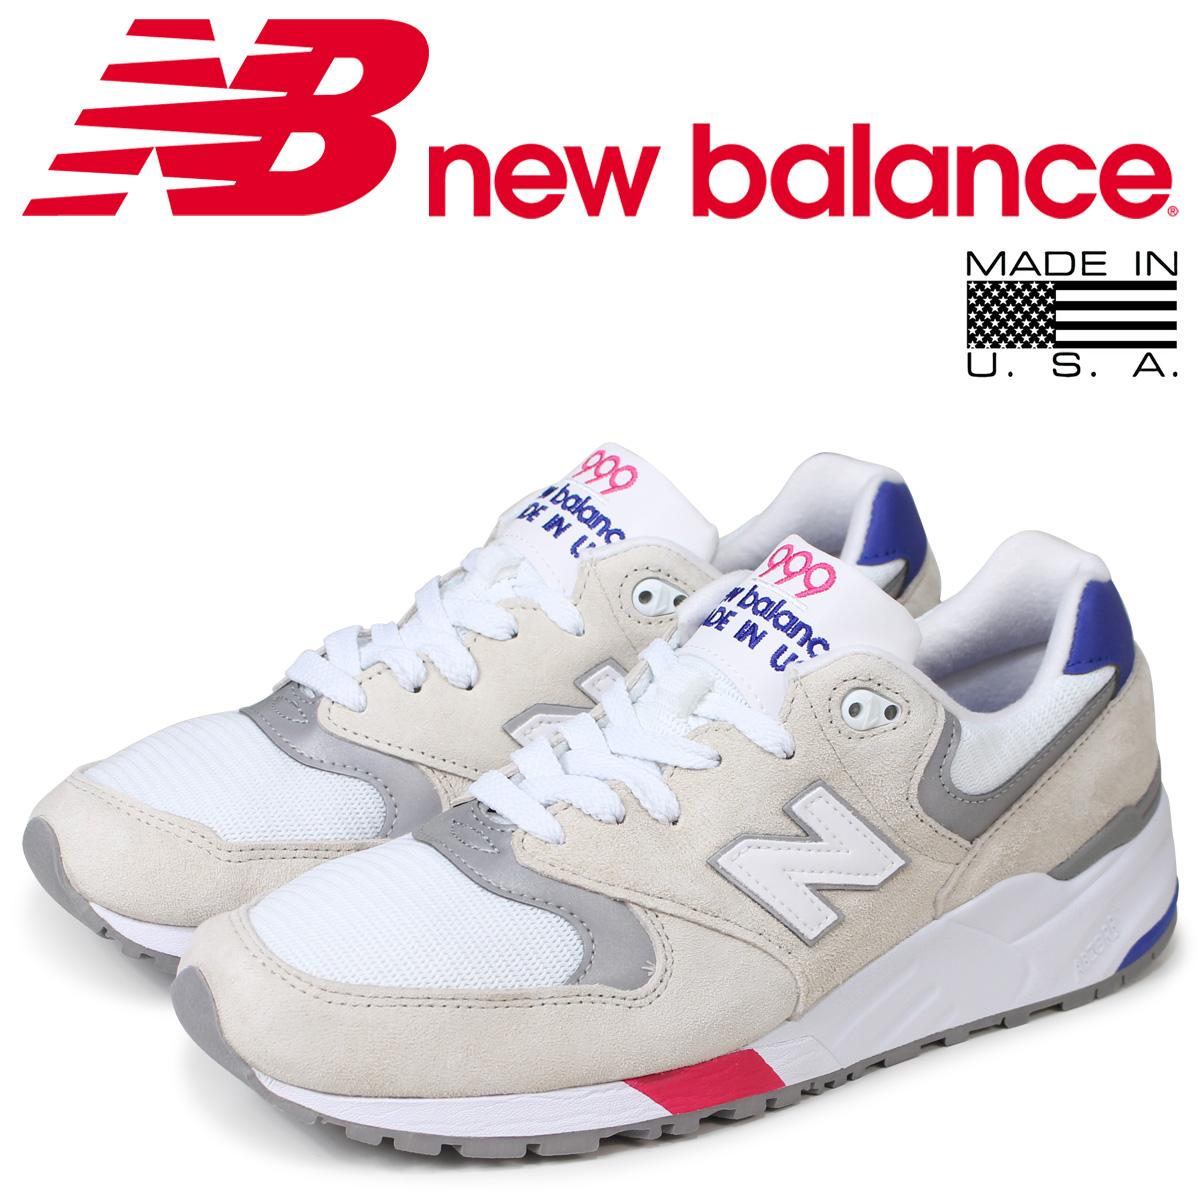 new balance 999 メンズ ニューバランス スニーカー M999WEA Dワイズ MADE IN USA ホワイト 白 [3/11 追加入荷]